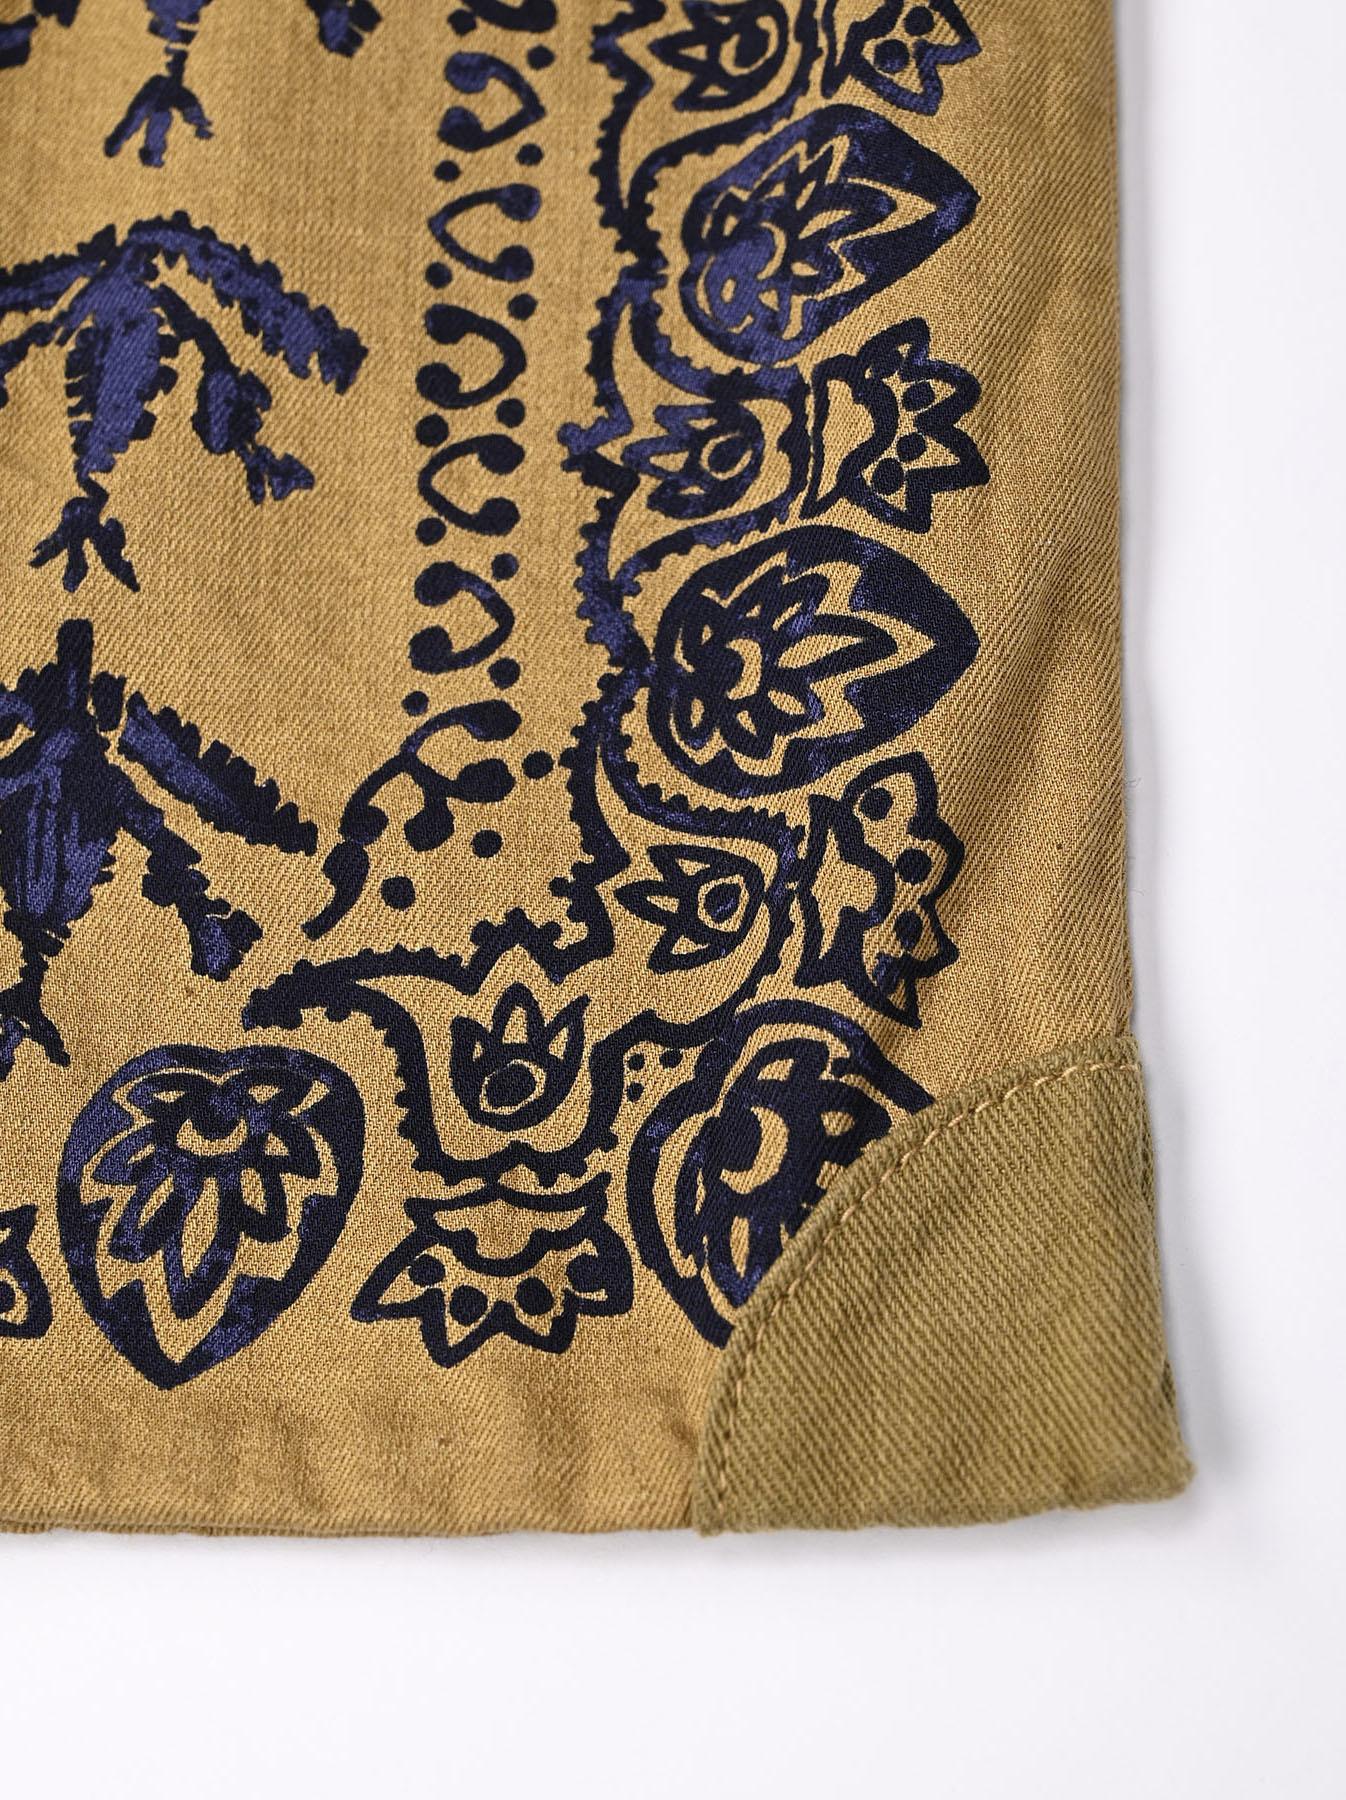 Goma Chino Cowboy Printed Bandana Bag-7